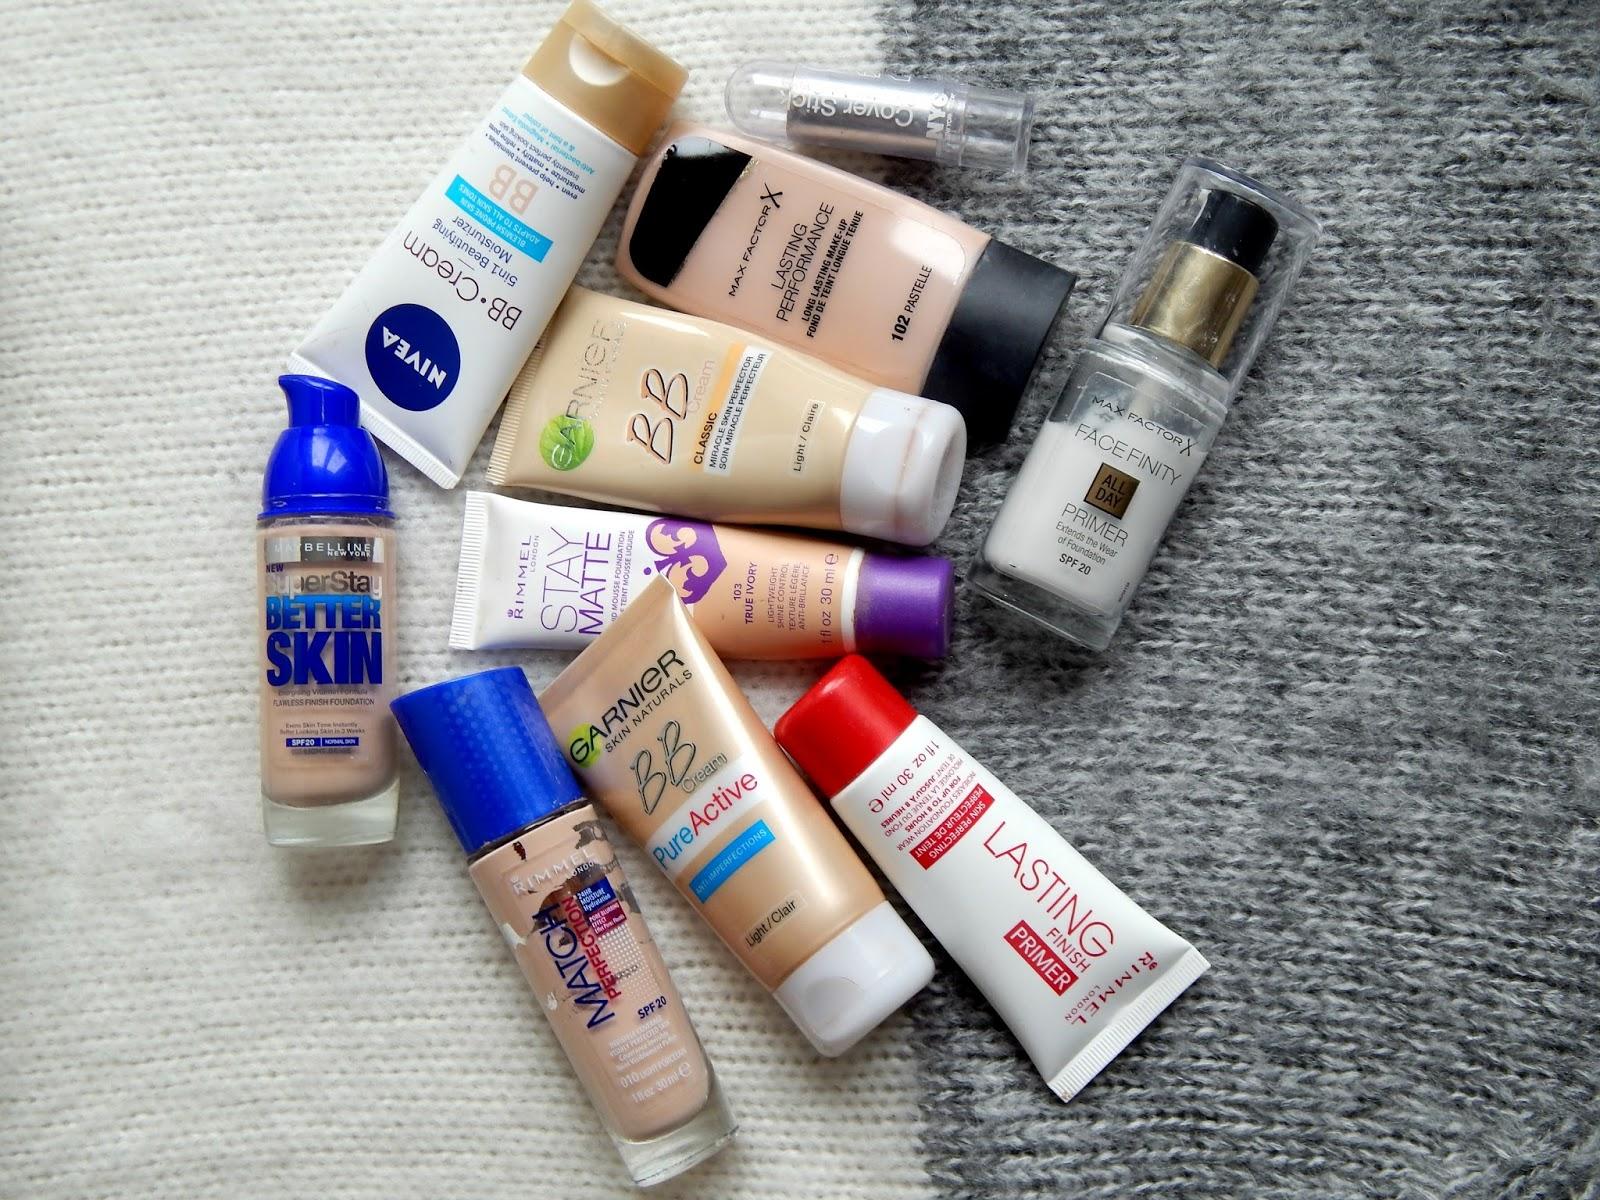 Nebezpečná kosmetika - makeupy Garnier, Nivea, Maybelline